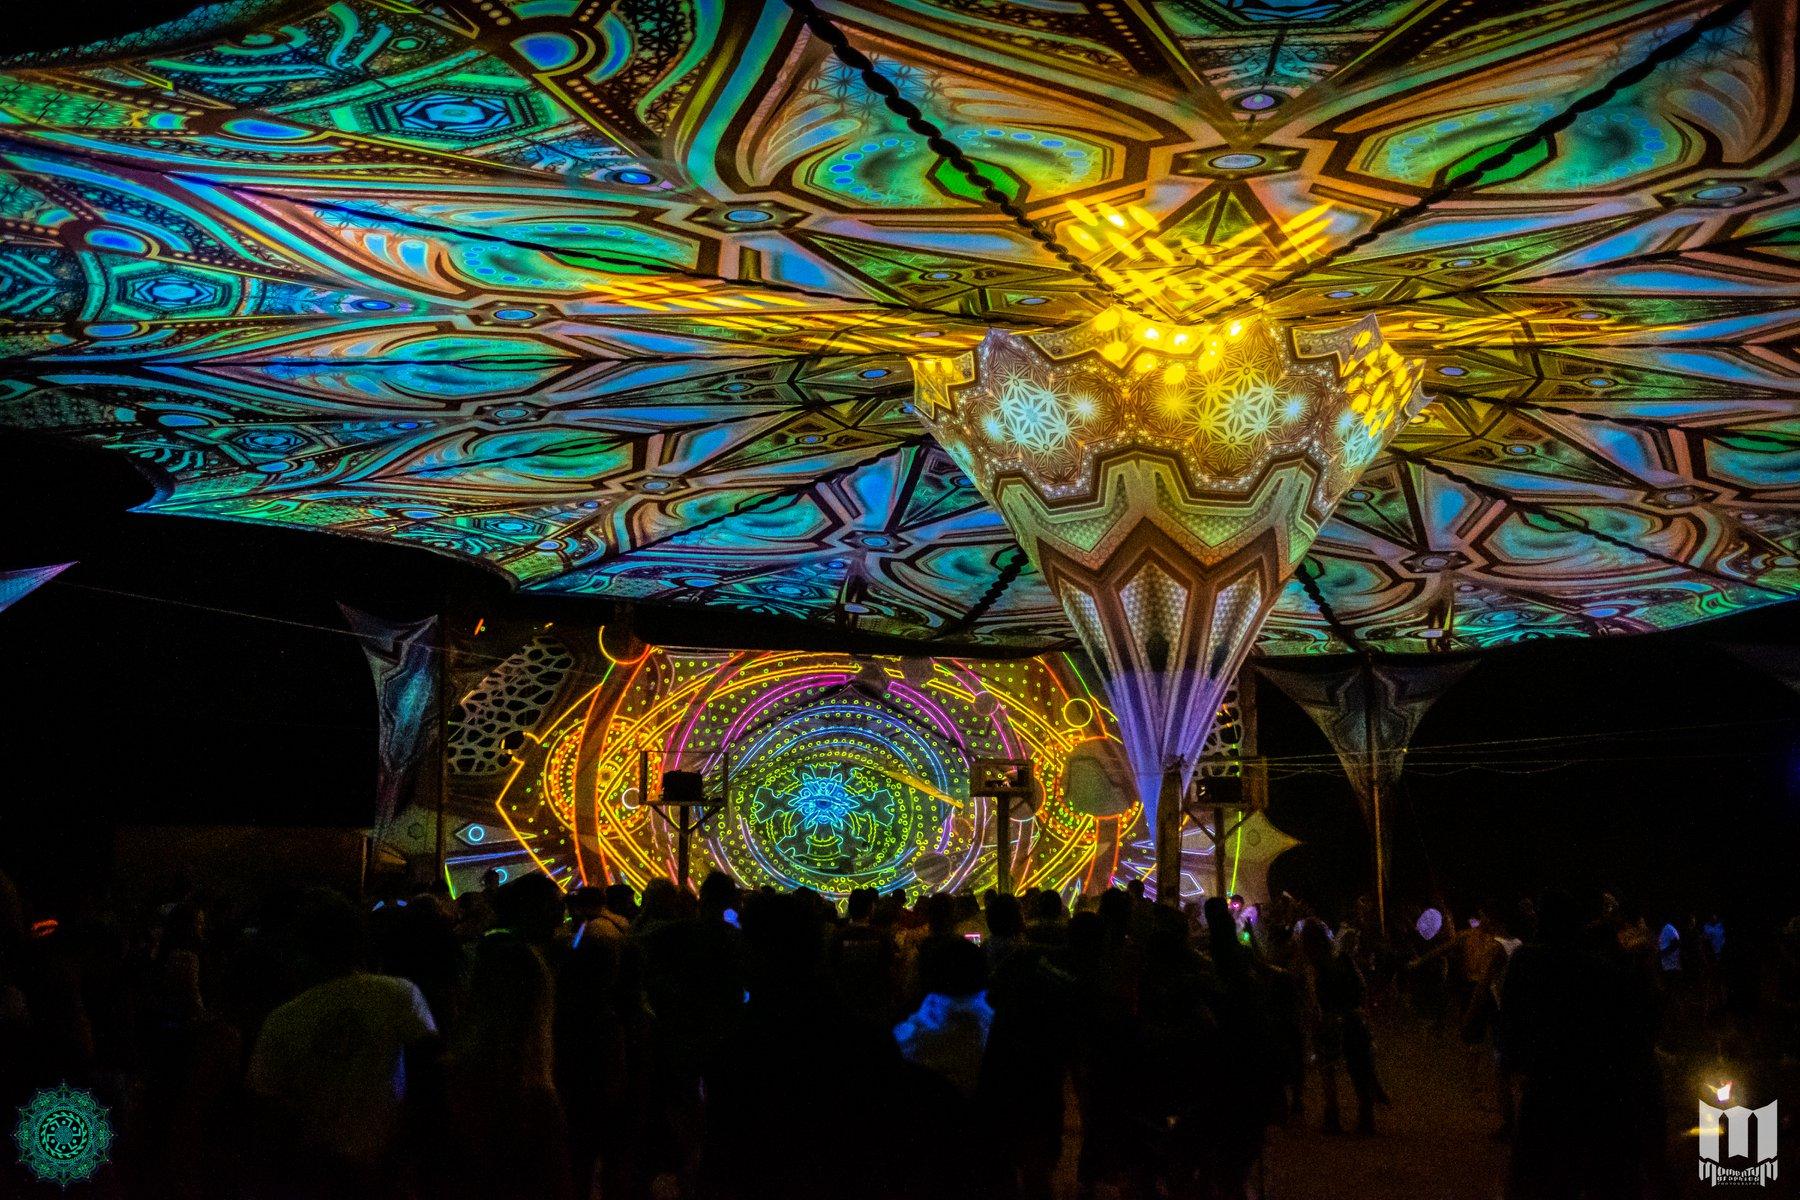 רחבה פסיכדלית בלילה בפסטיבל free earth ביוון